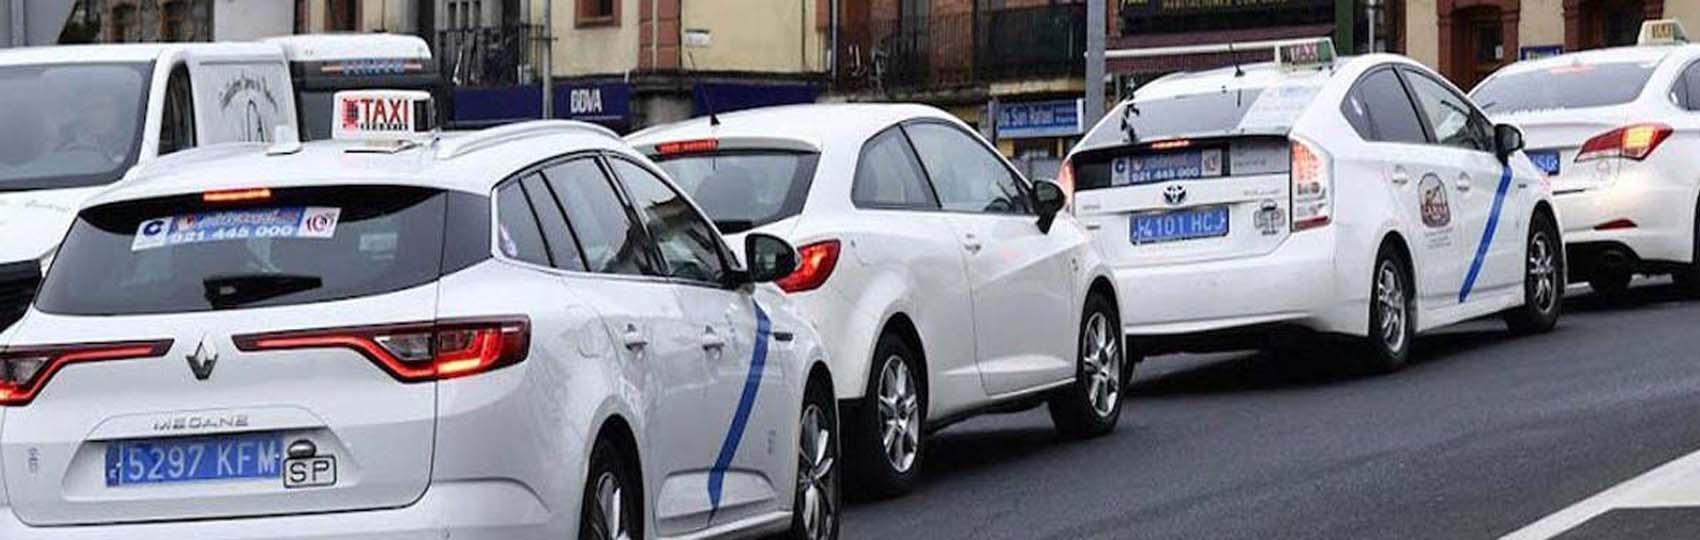 Noticias del sector del taxi y la movilidad en Segovia. Mantente informado de todas las noticias del taxi de Segovia en el grupo de Facebook de Todo Taxi.